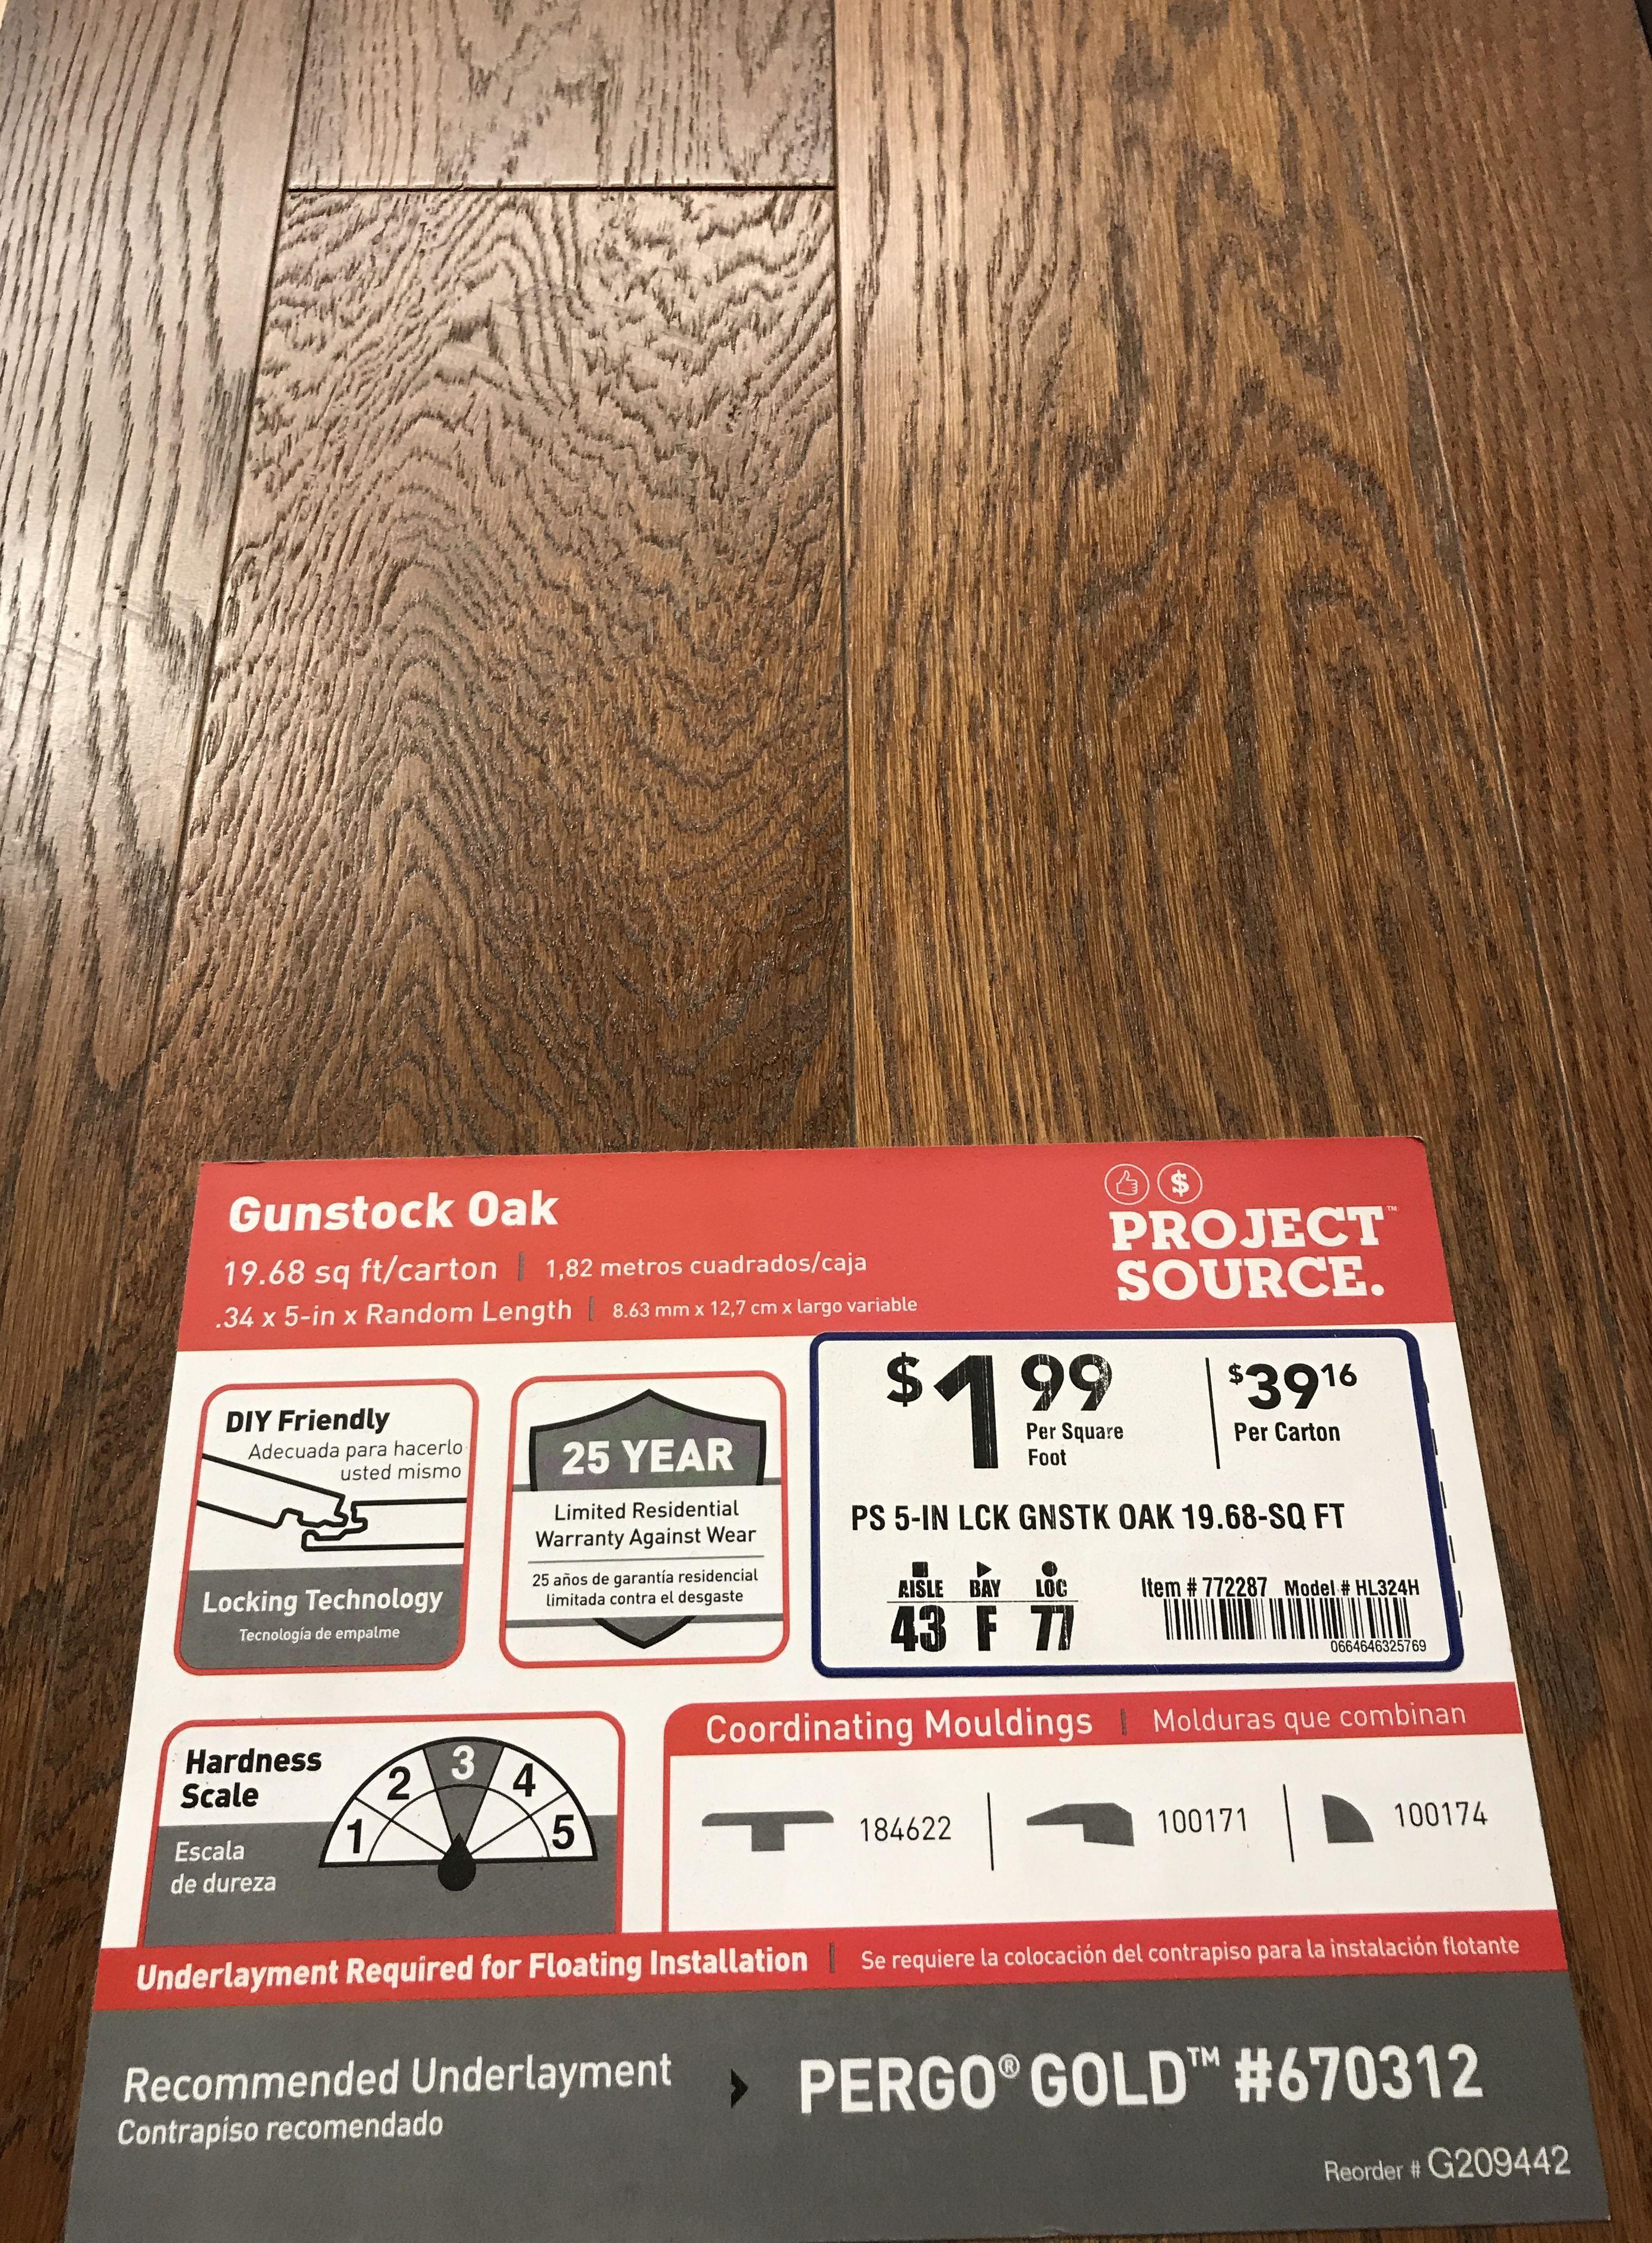 engineered hardwood flooring plus .55 per/sqft